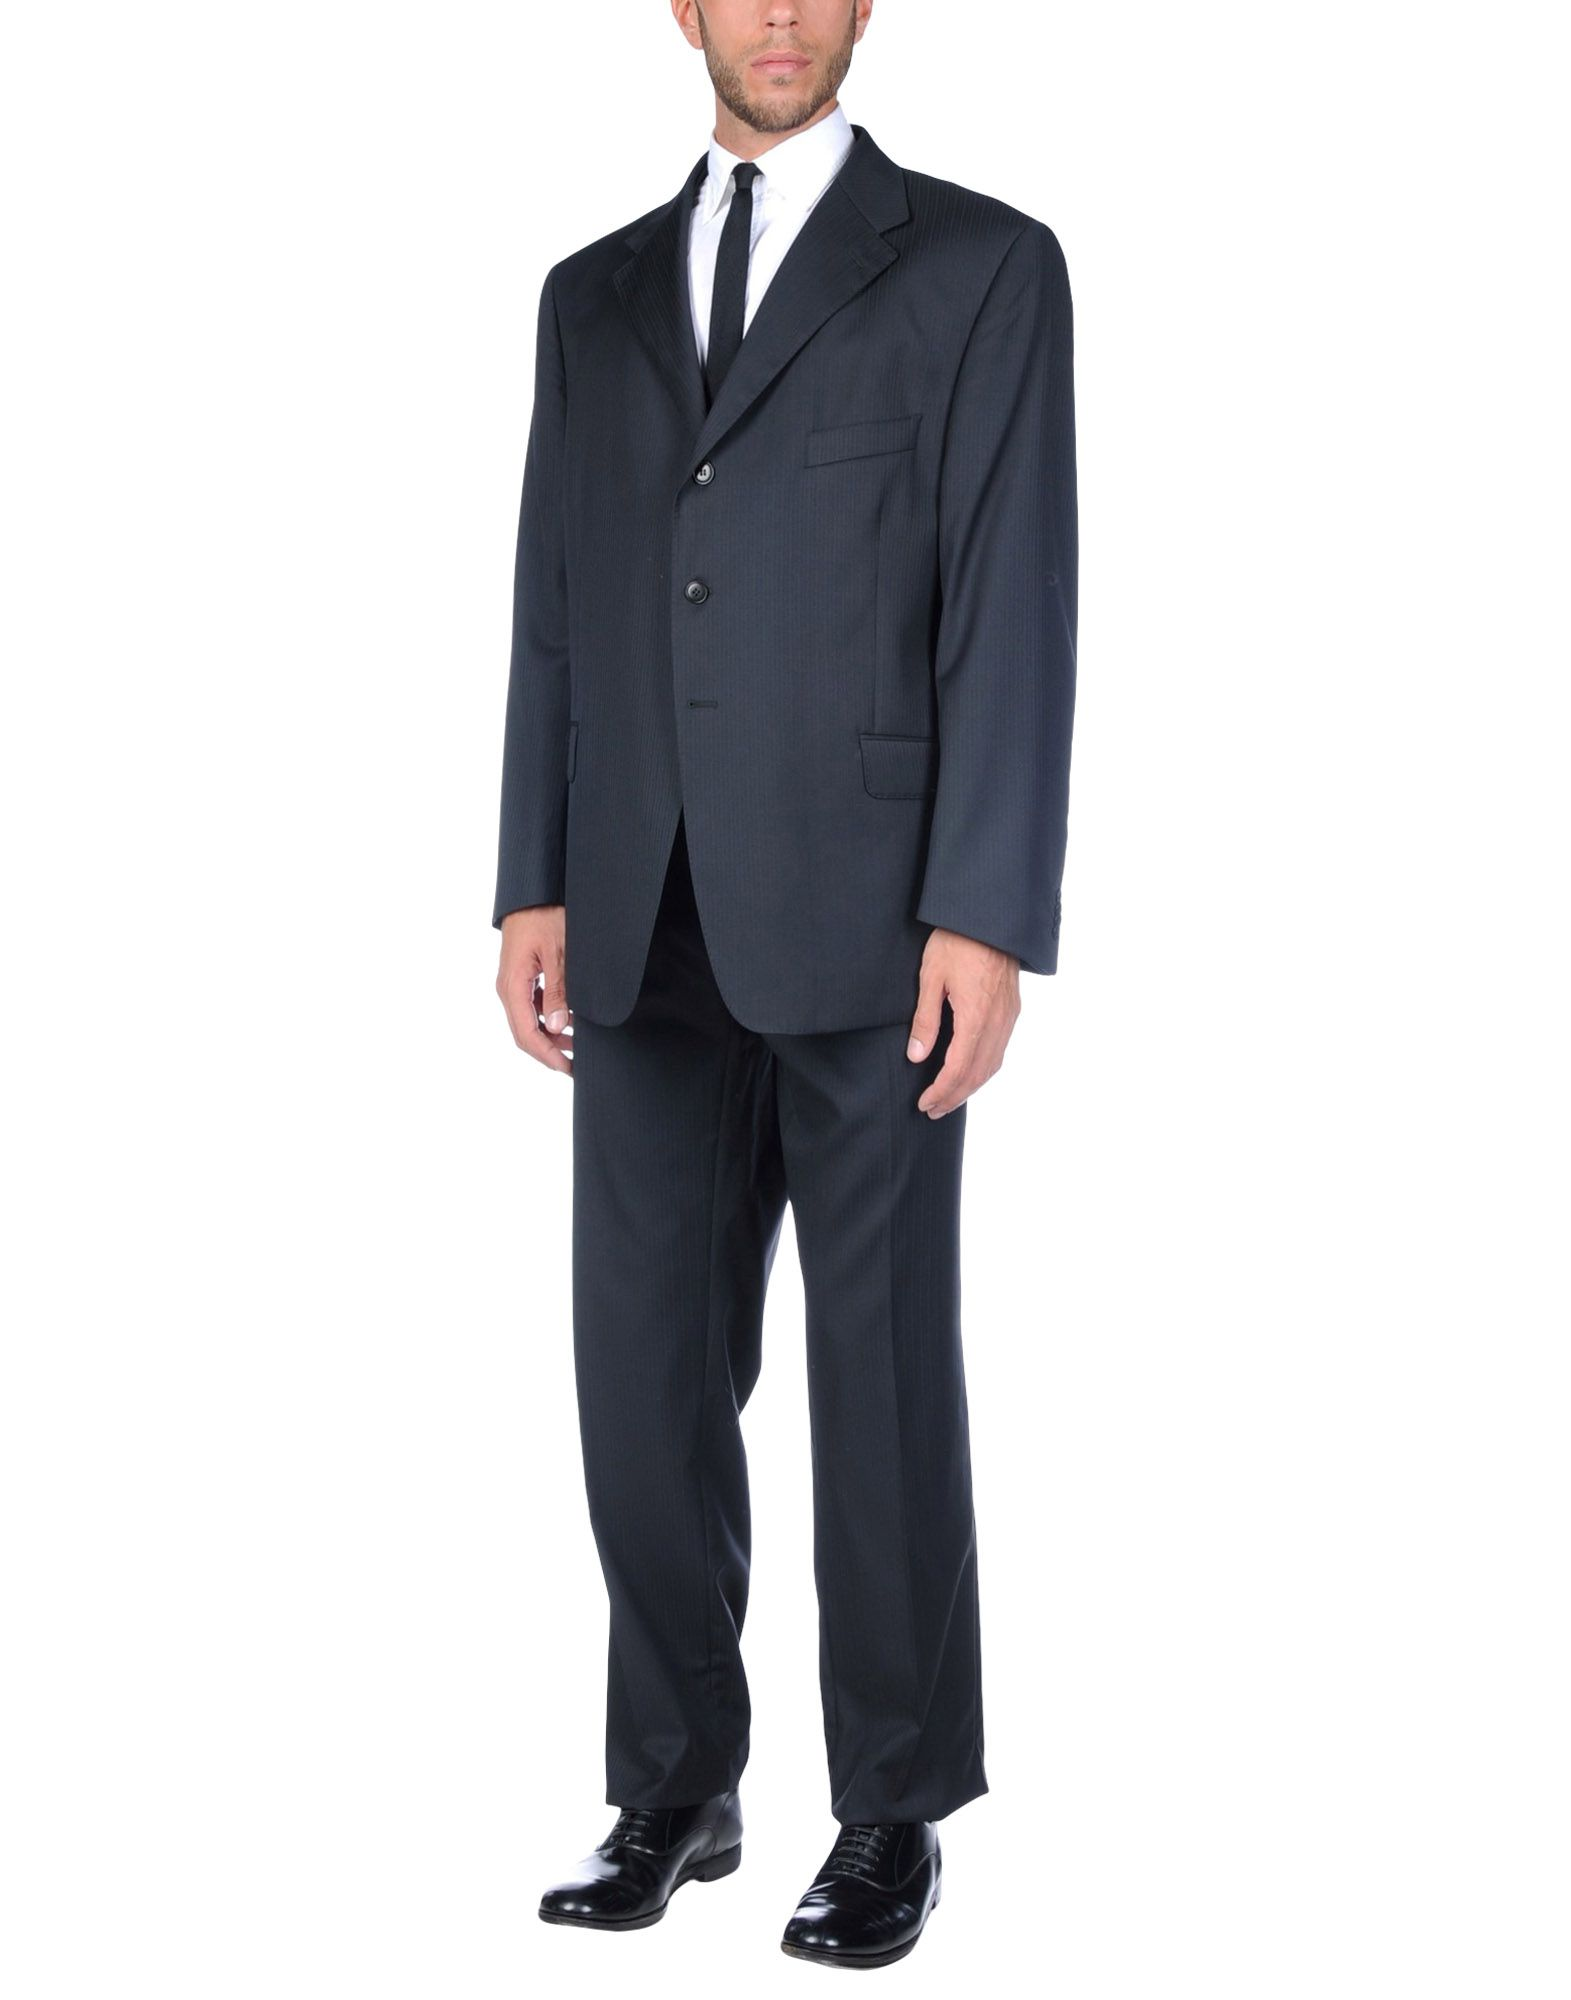 DALTON & FORSYTHE Herren Anzug Farbe Schwarz Größe 11 jetztbilligerkaufen